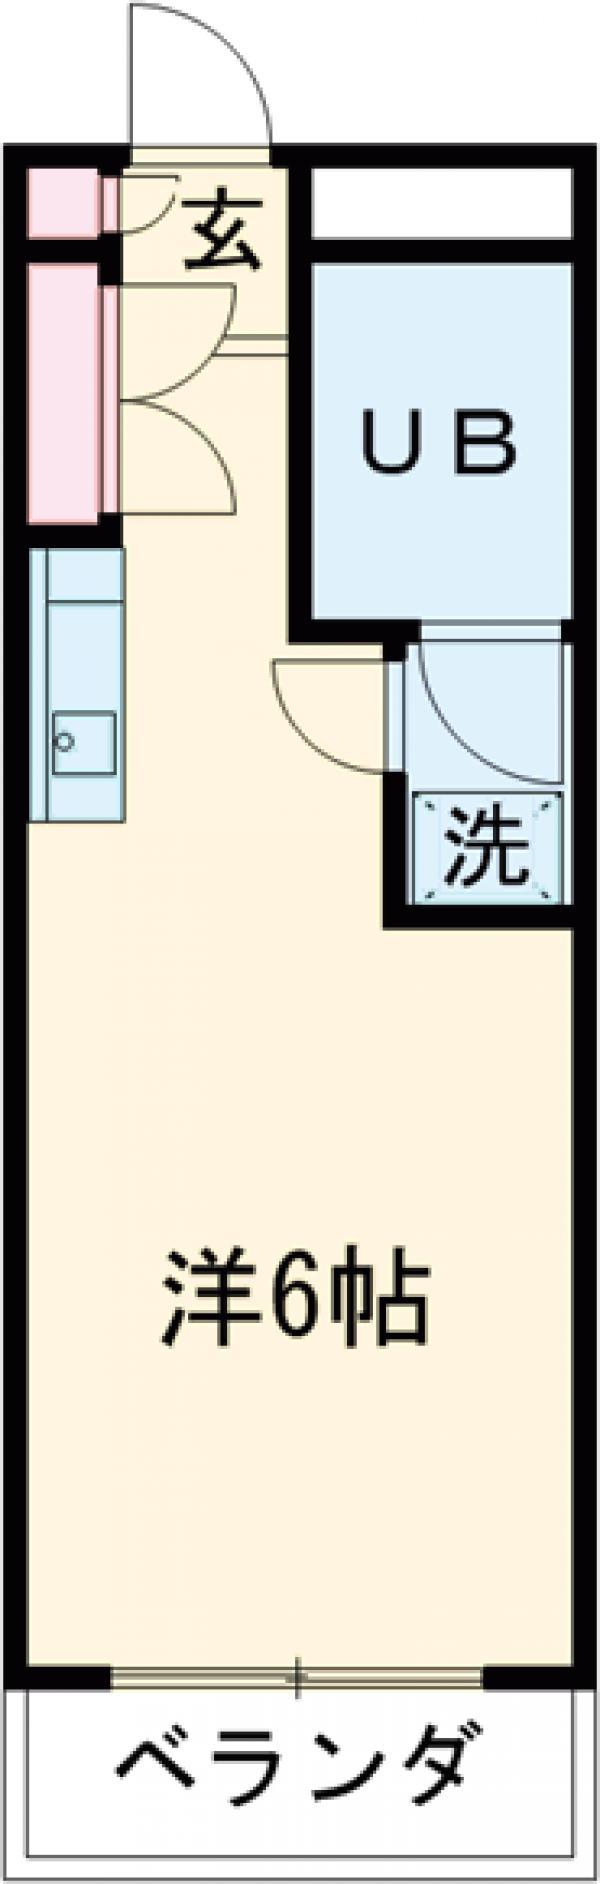 グリーンメゾン ヨシノ 102号室の間取り